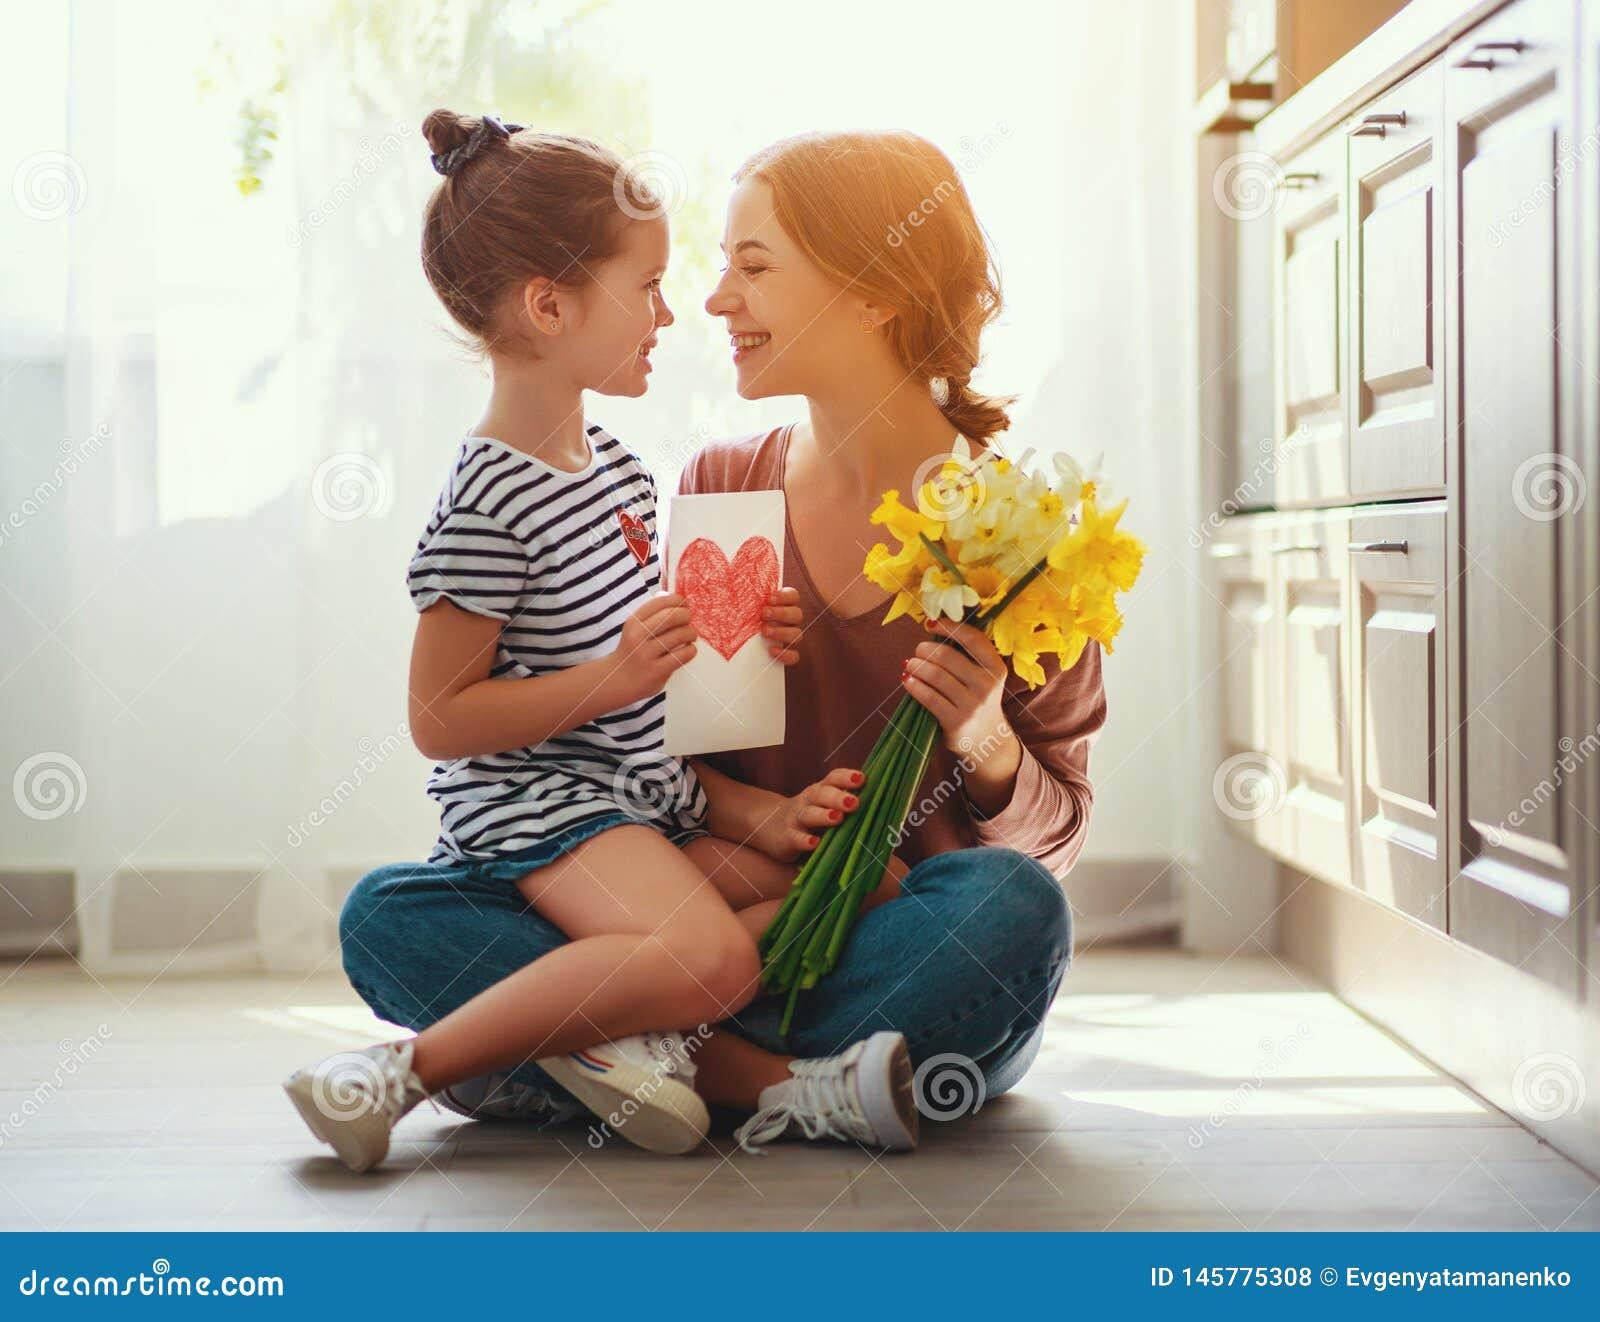 De dag van de gelukkige moeder! de kinddochter geeft moeder een boeket van bloemen aan narcissen en gift